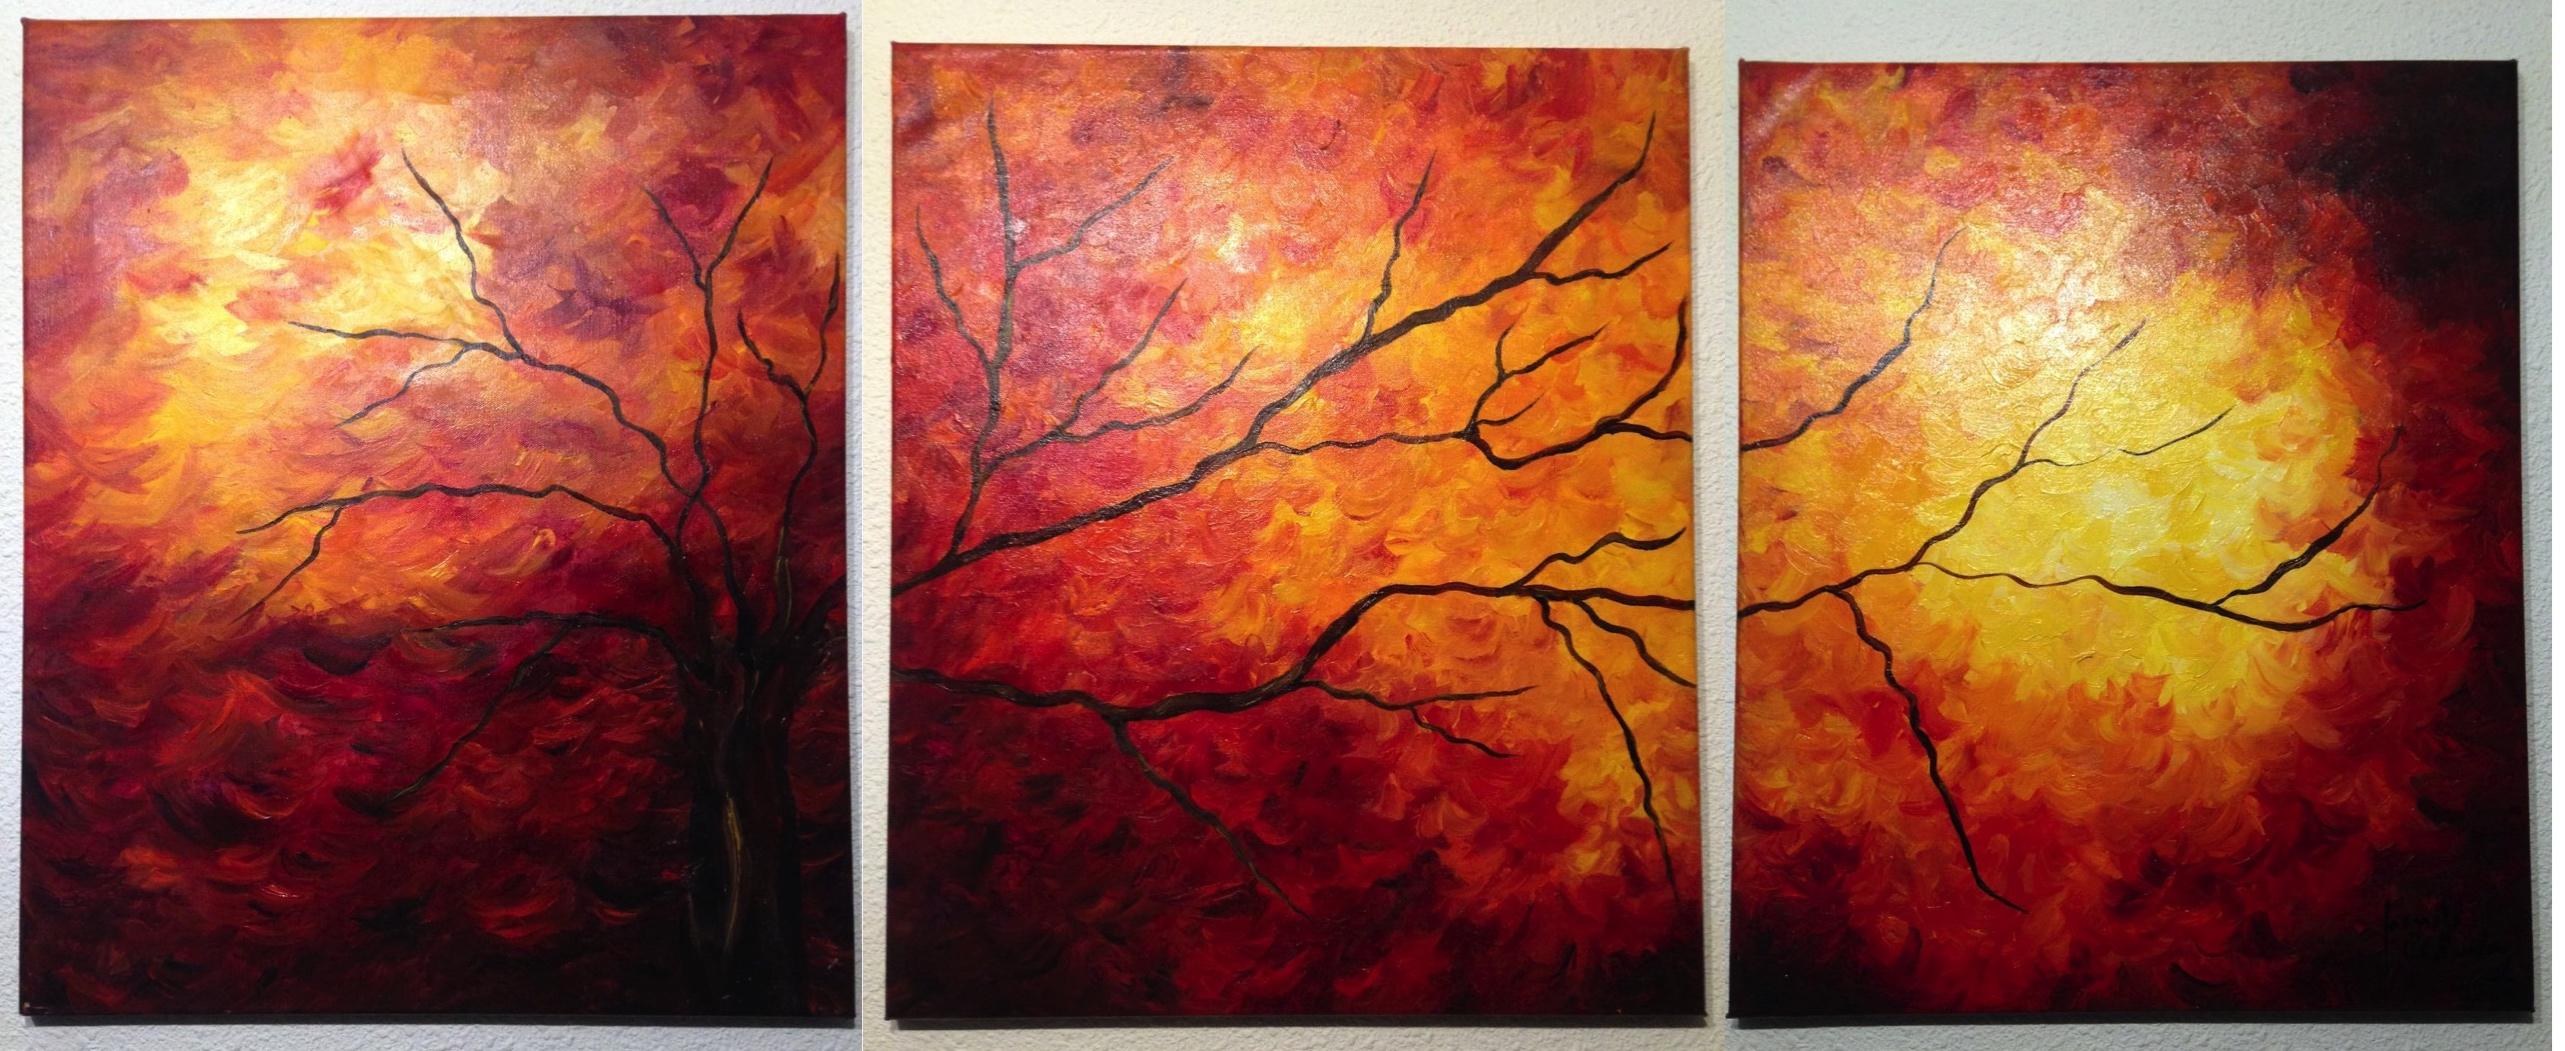 Fire Triptych